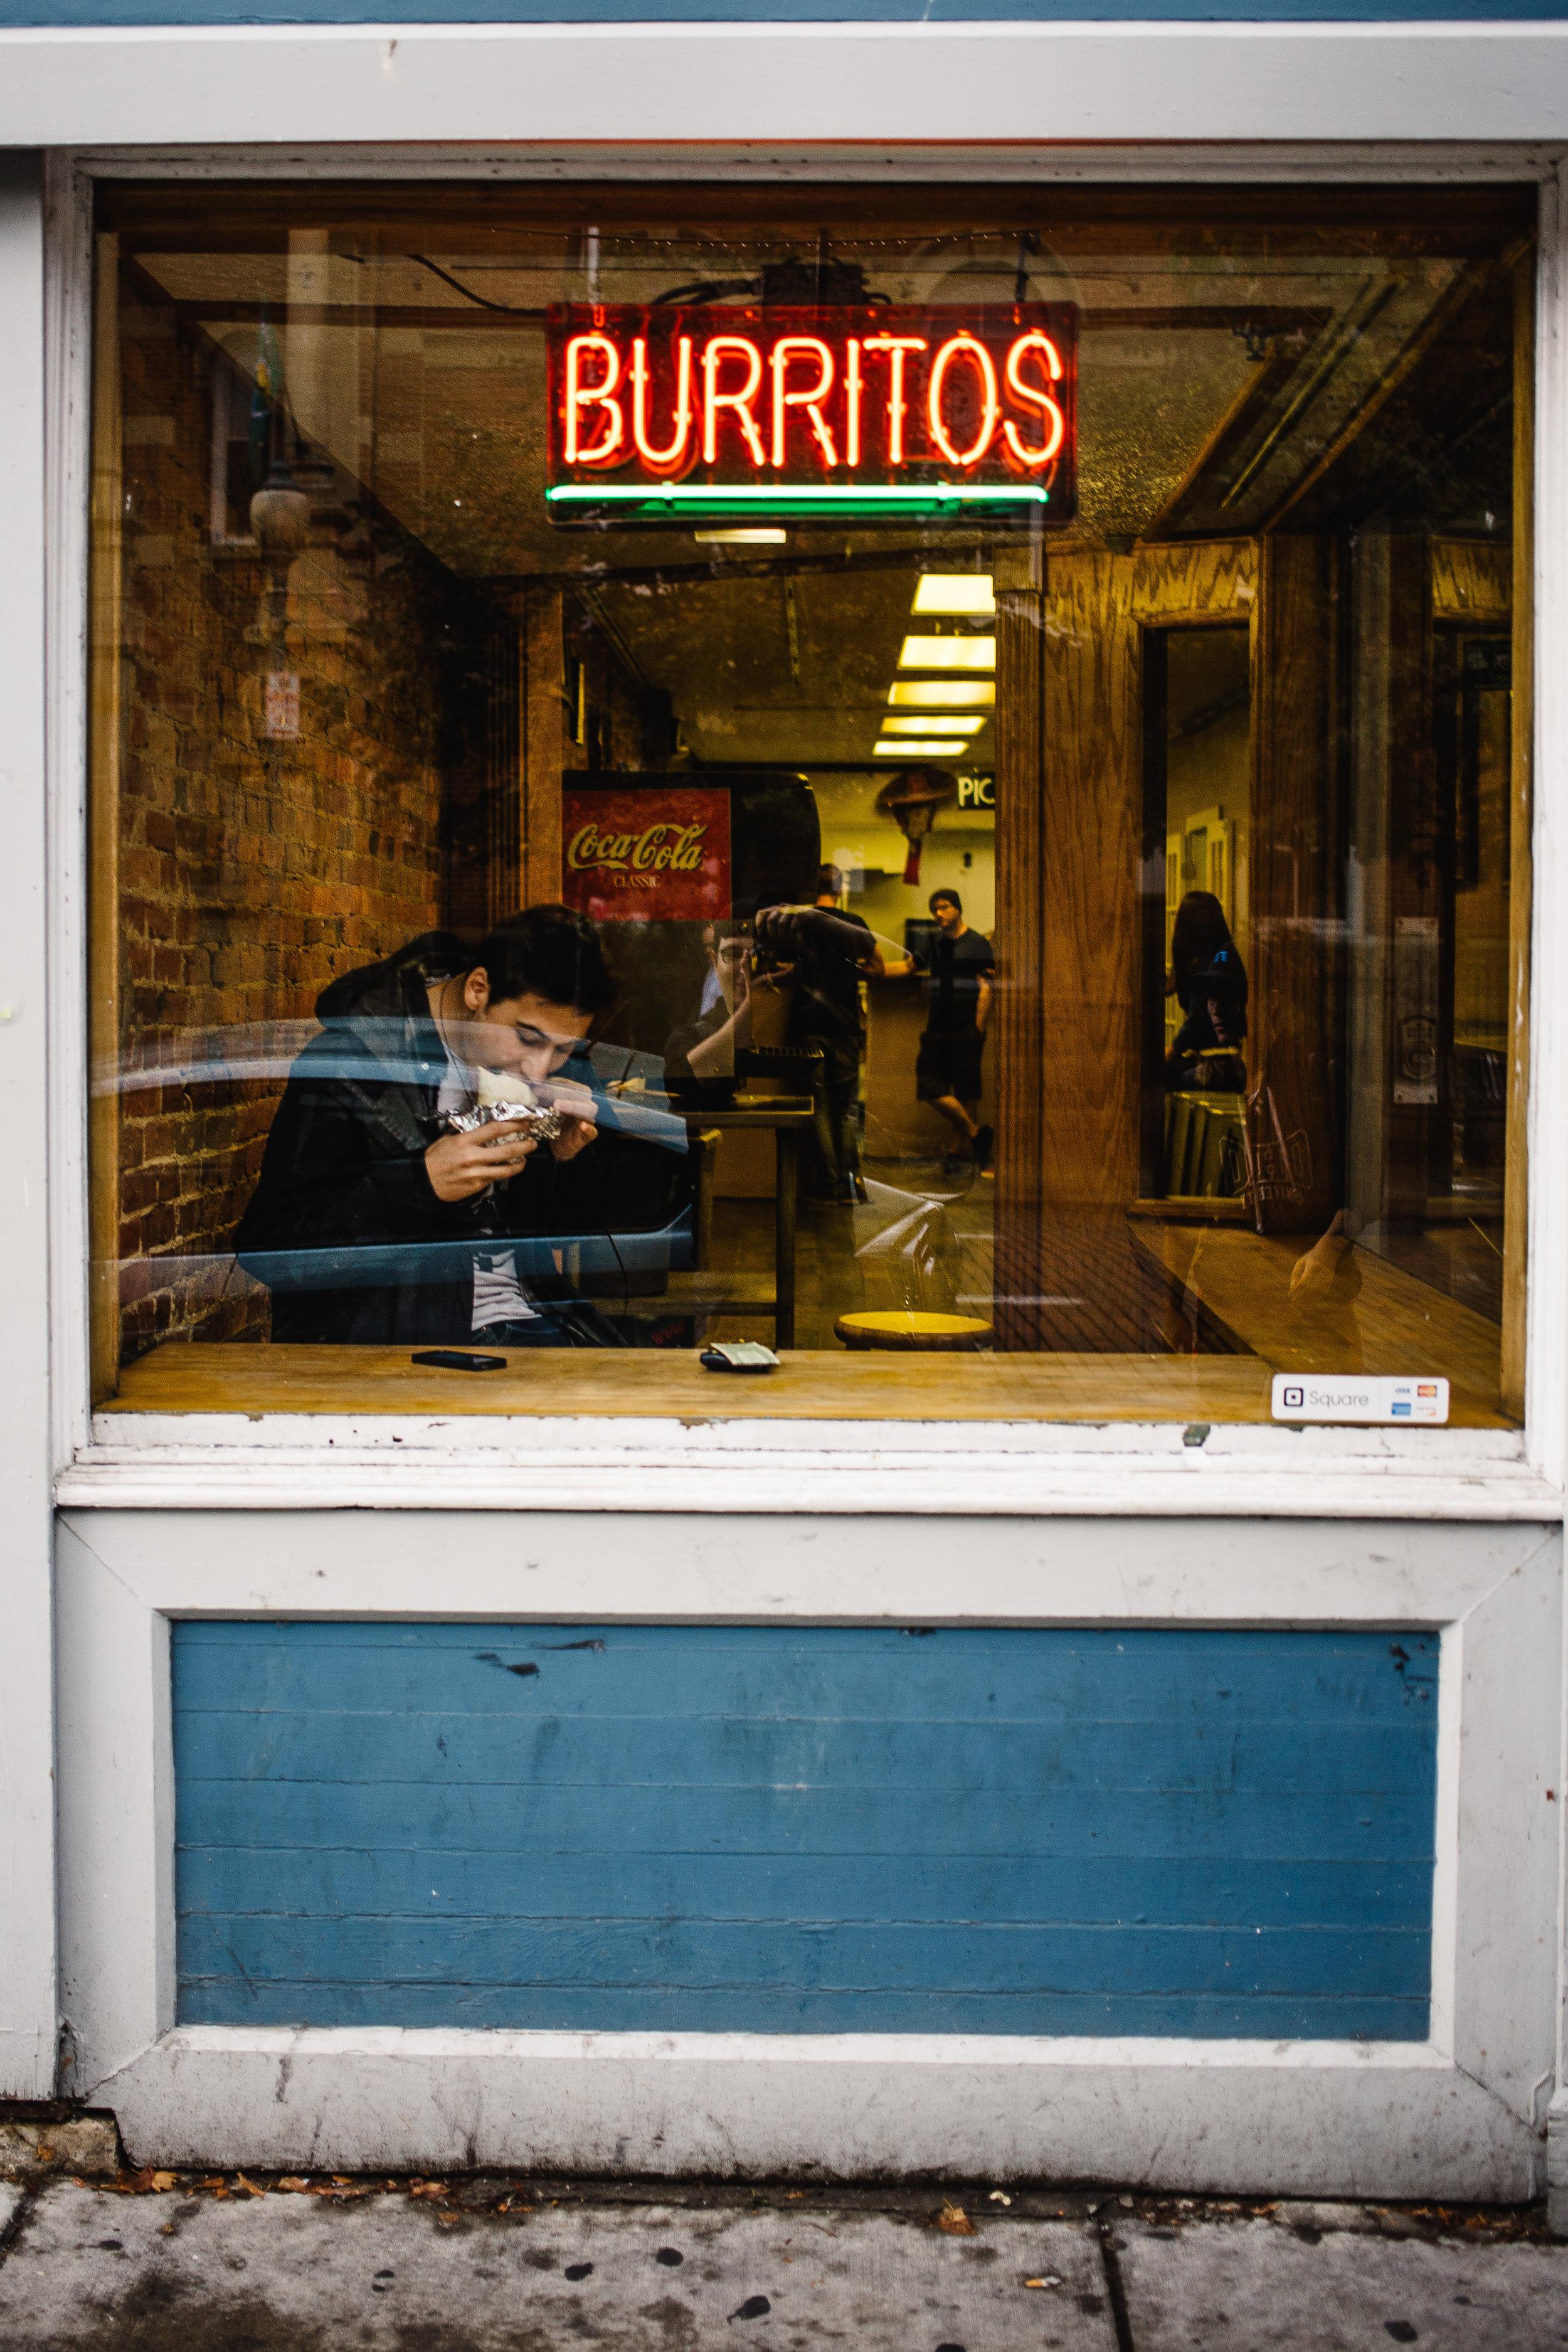 Max and his burrito.